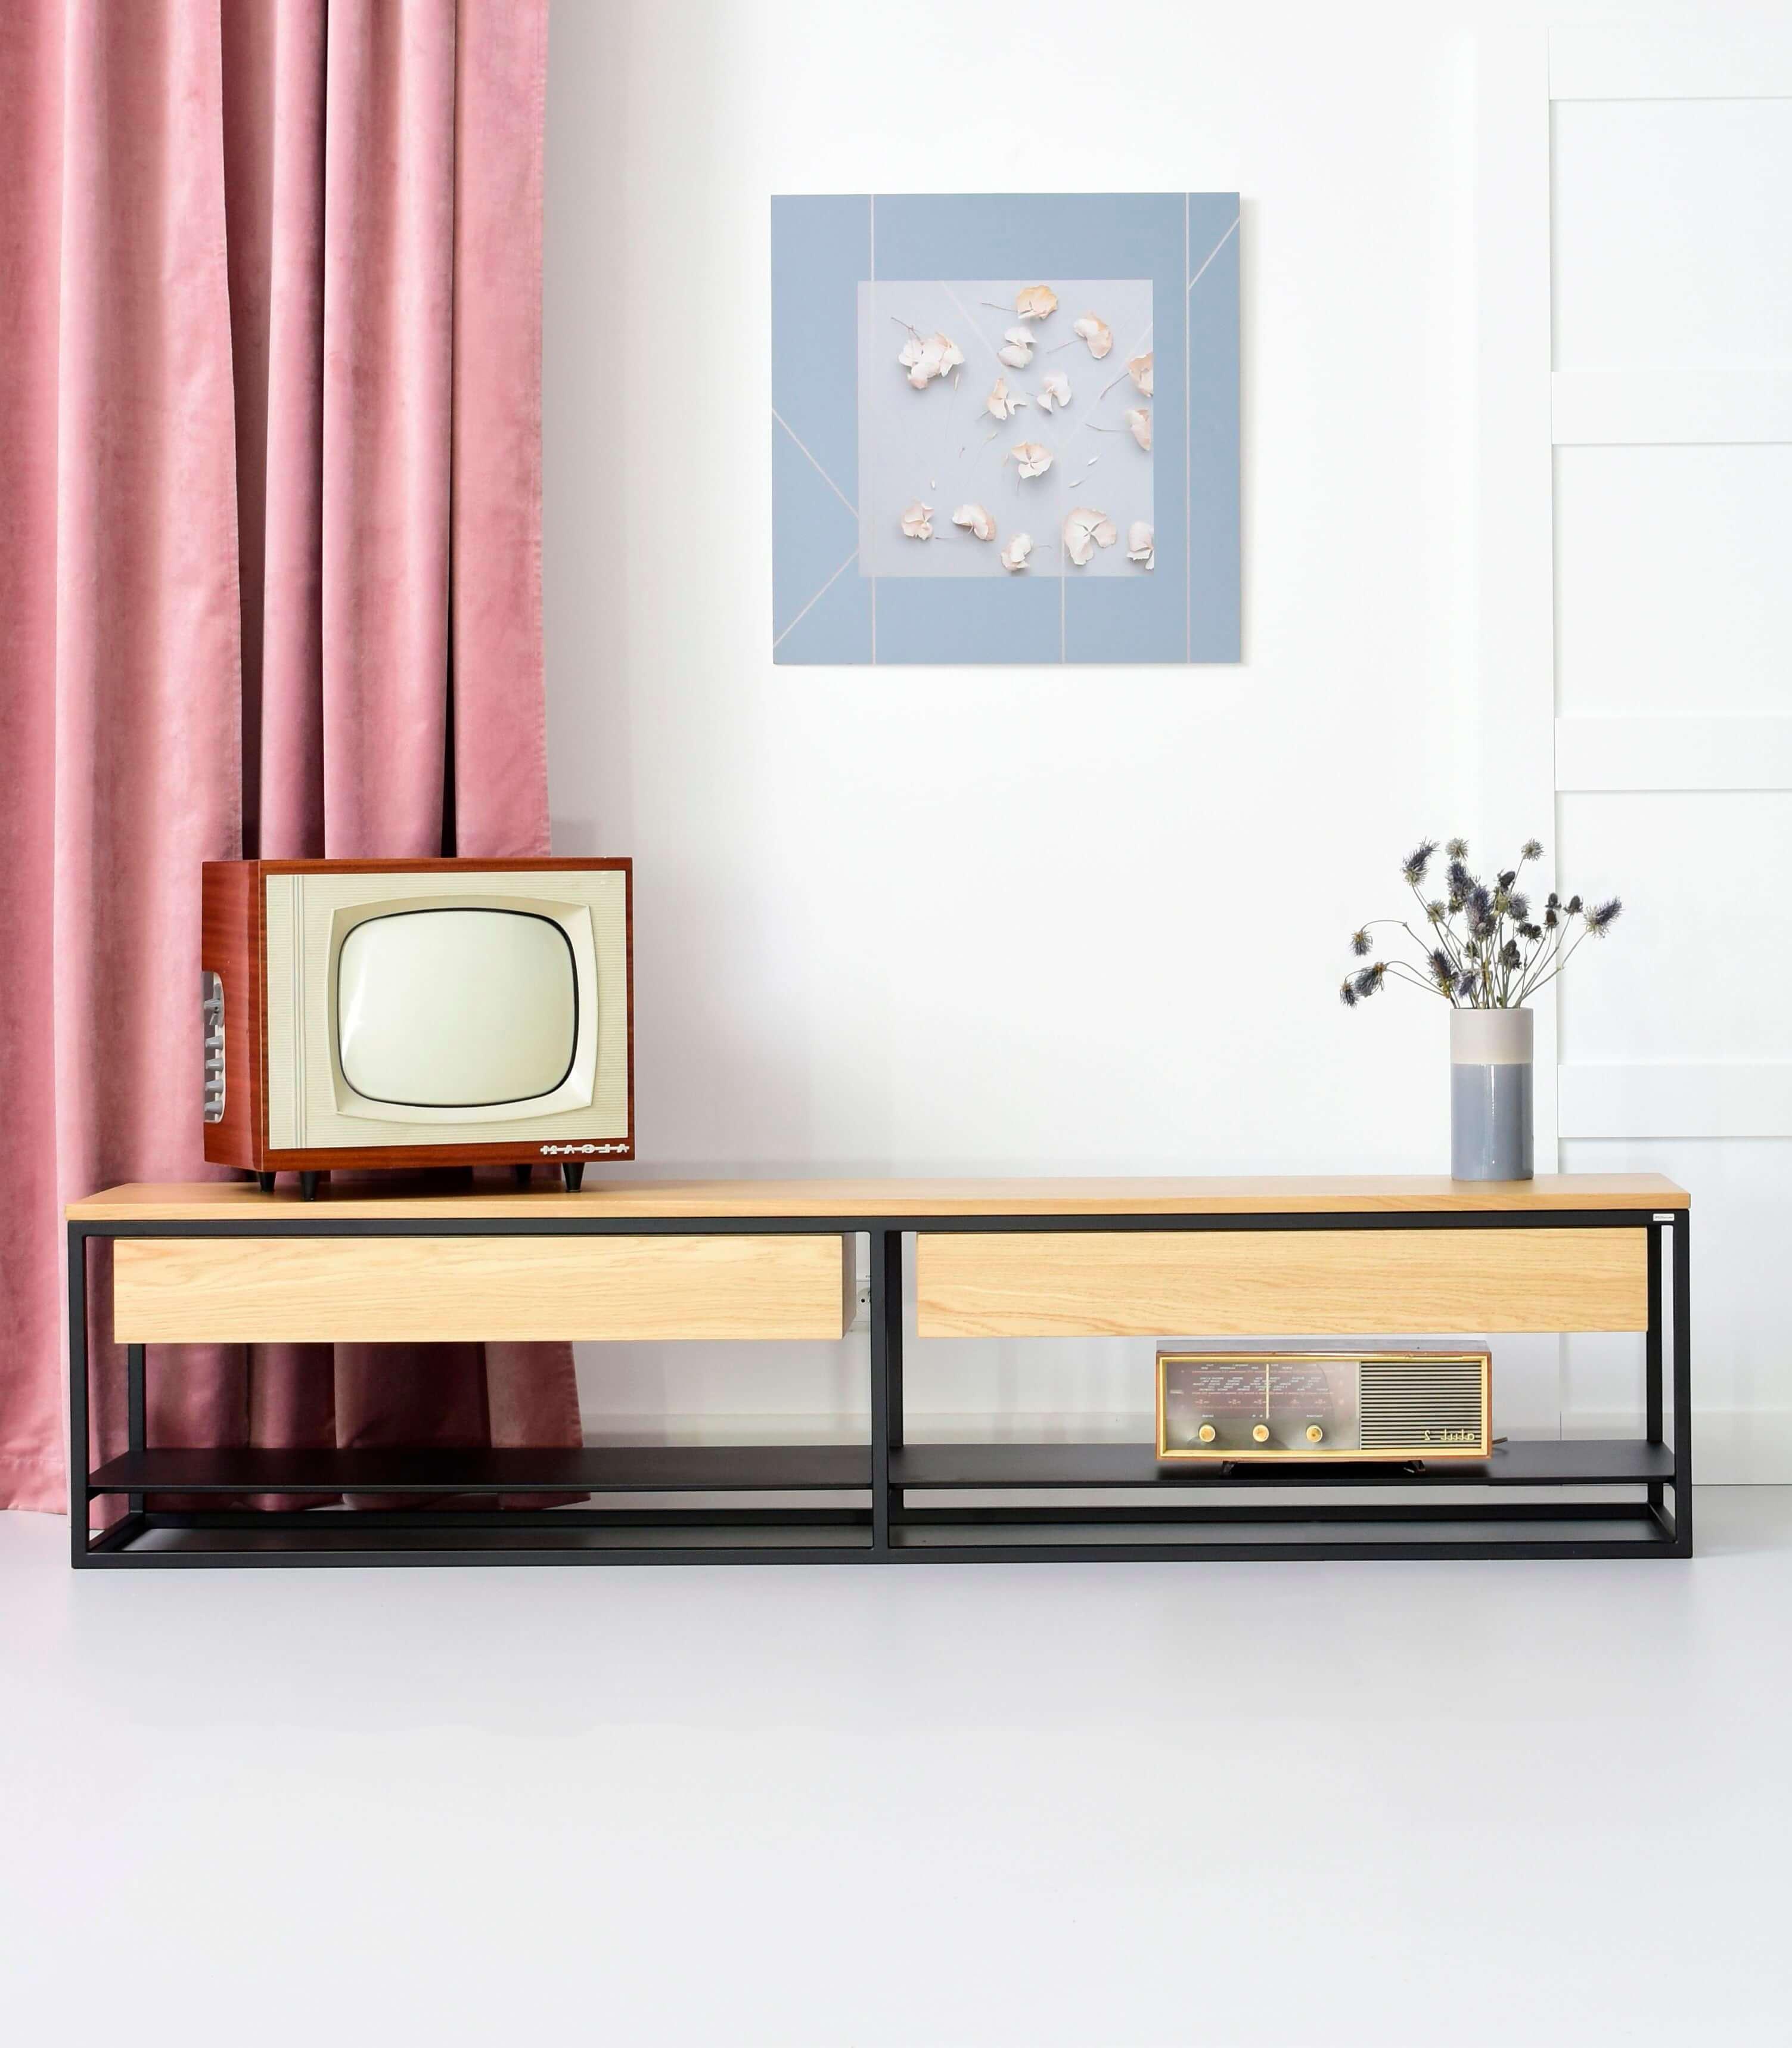 szafka rtv pod telewizor na sprzet z szufladami